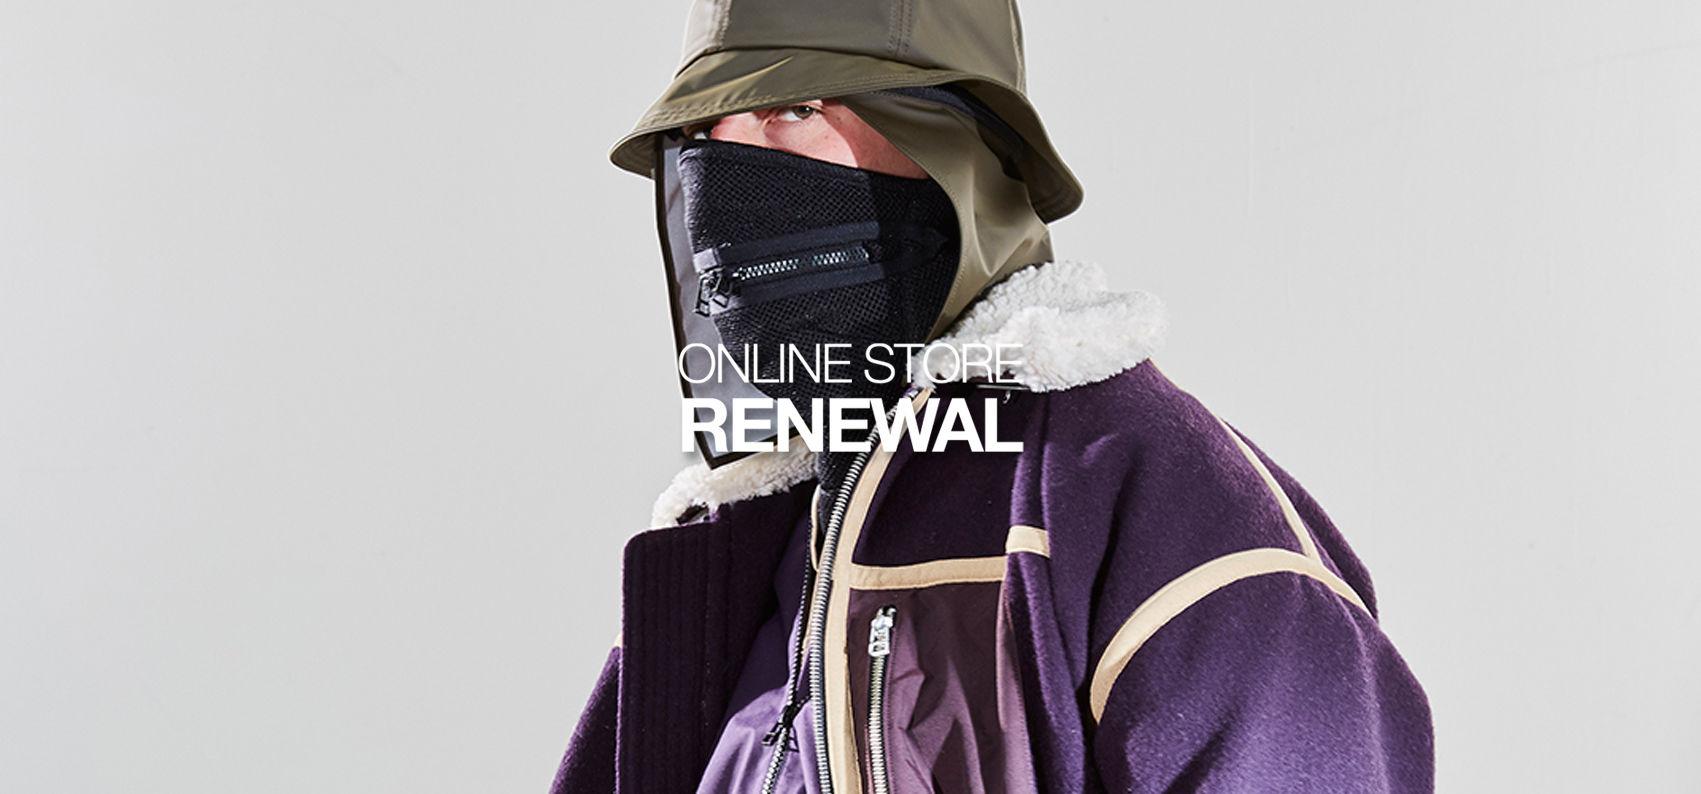 Renweal Open